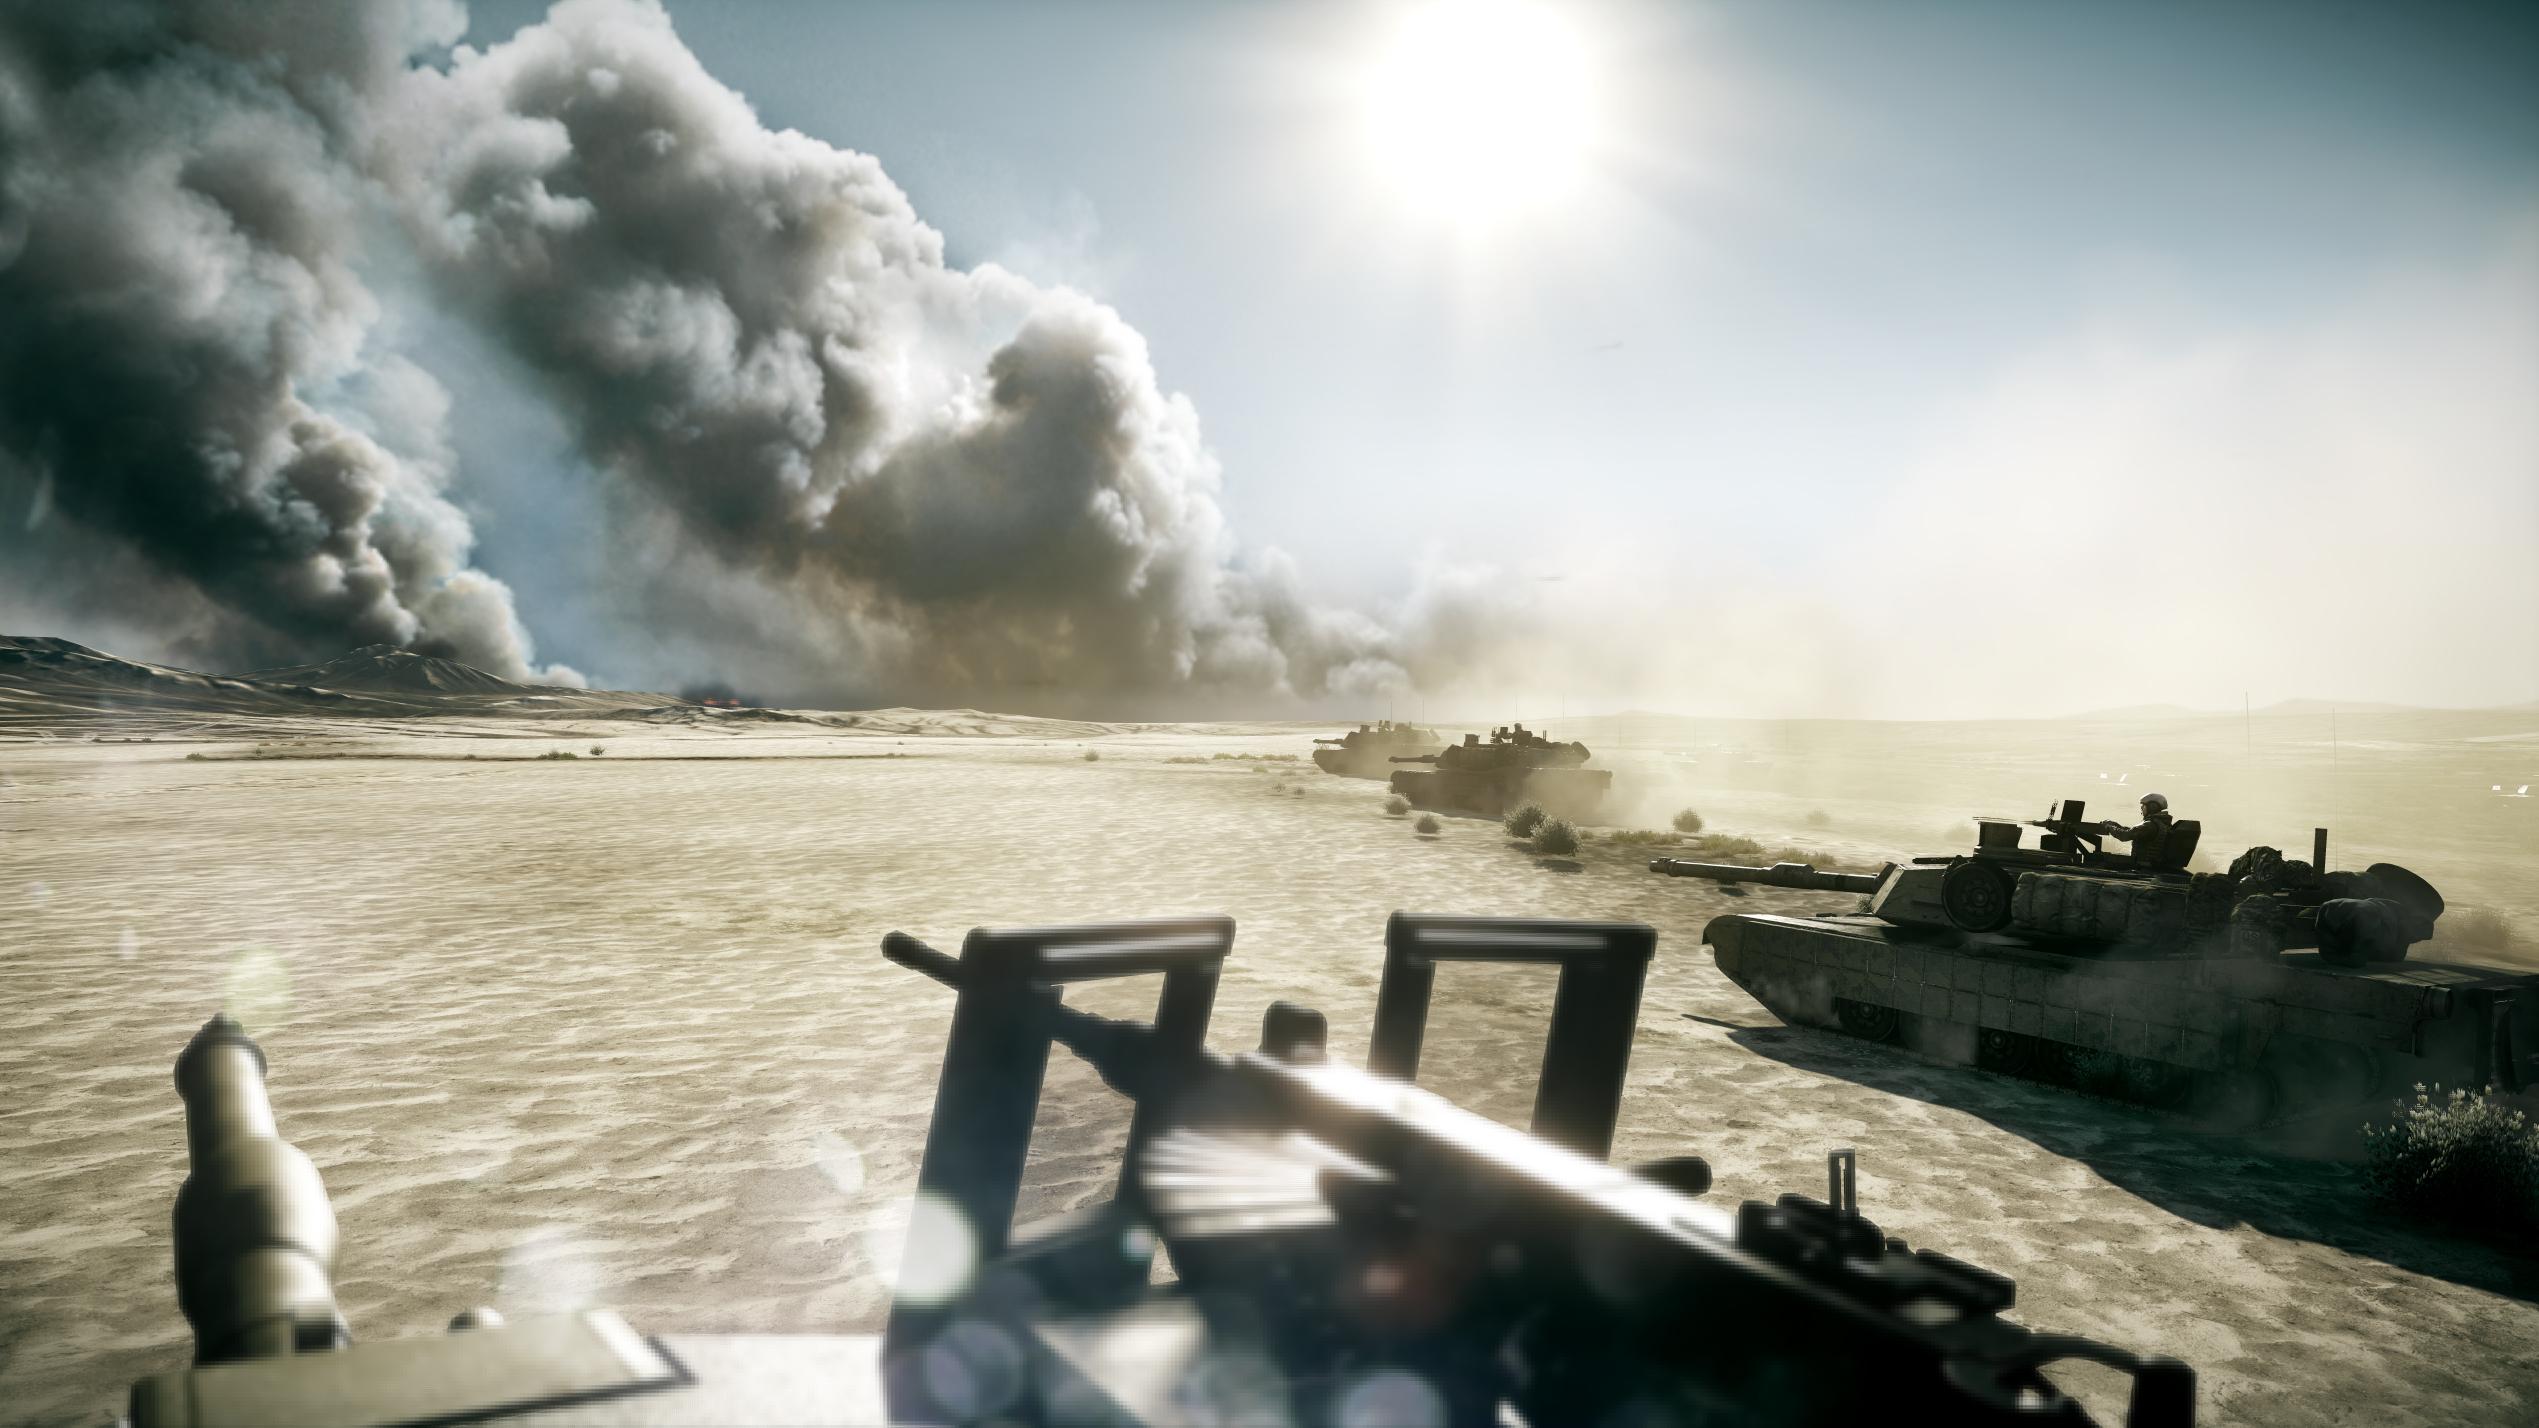 танки в бою, скачать фото, обои